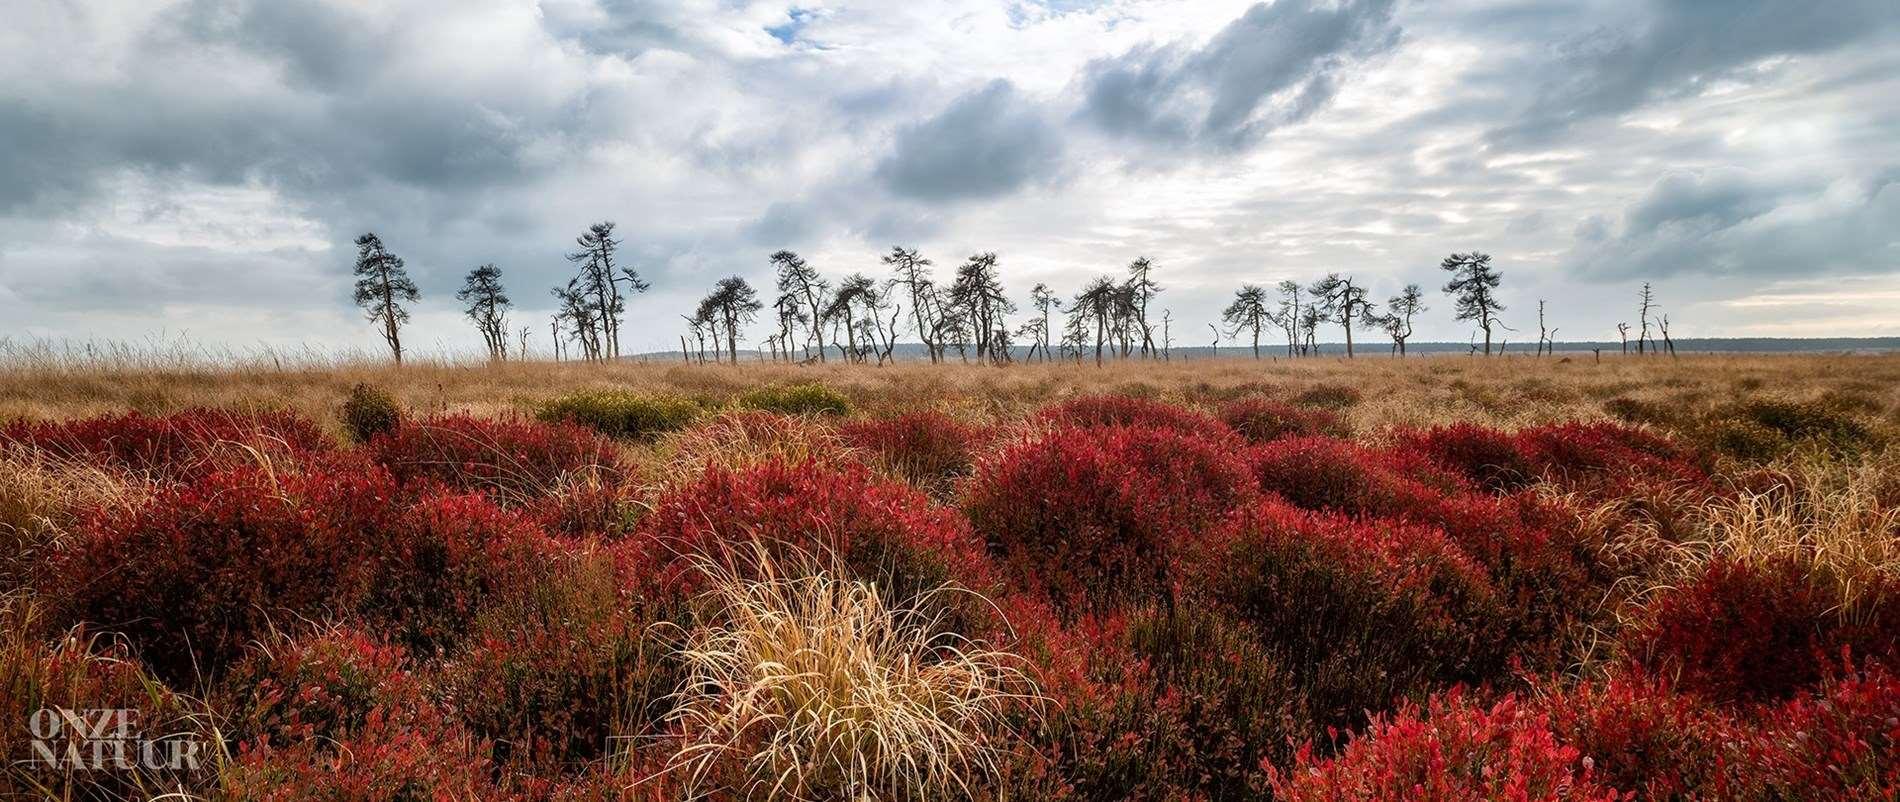 Volvo Car Belux en Onze Natuur ontdekken het wilde België